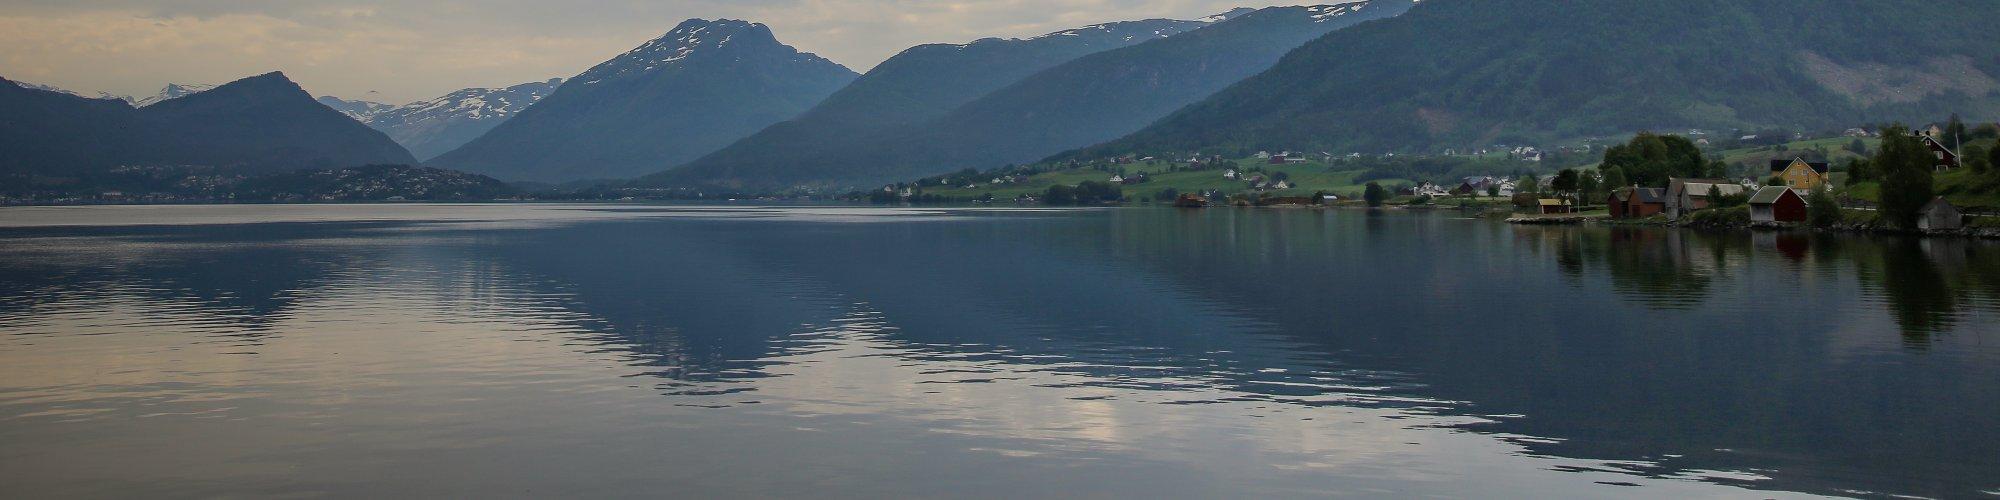 nettbutikk kjoler norge sogn og fjordane